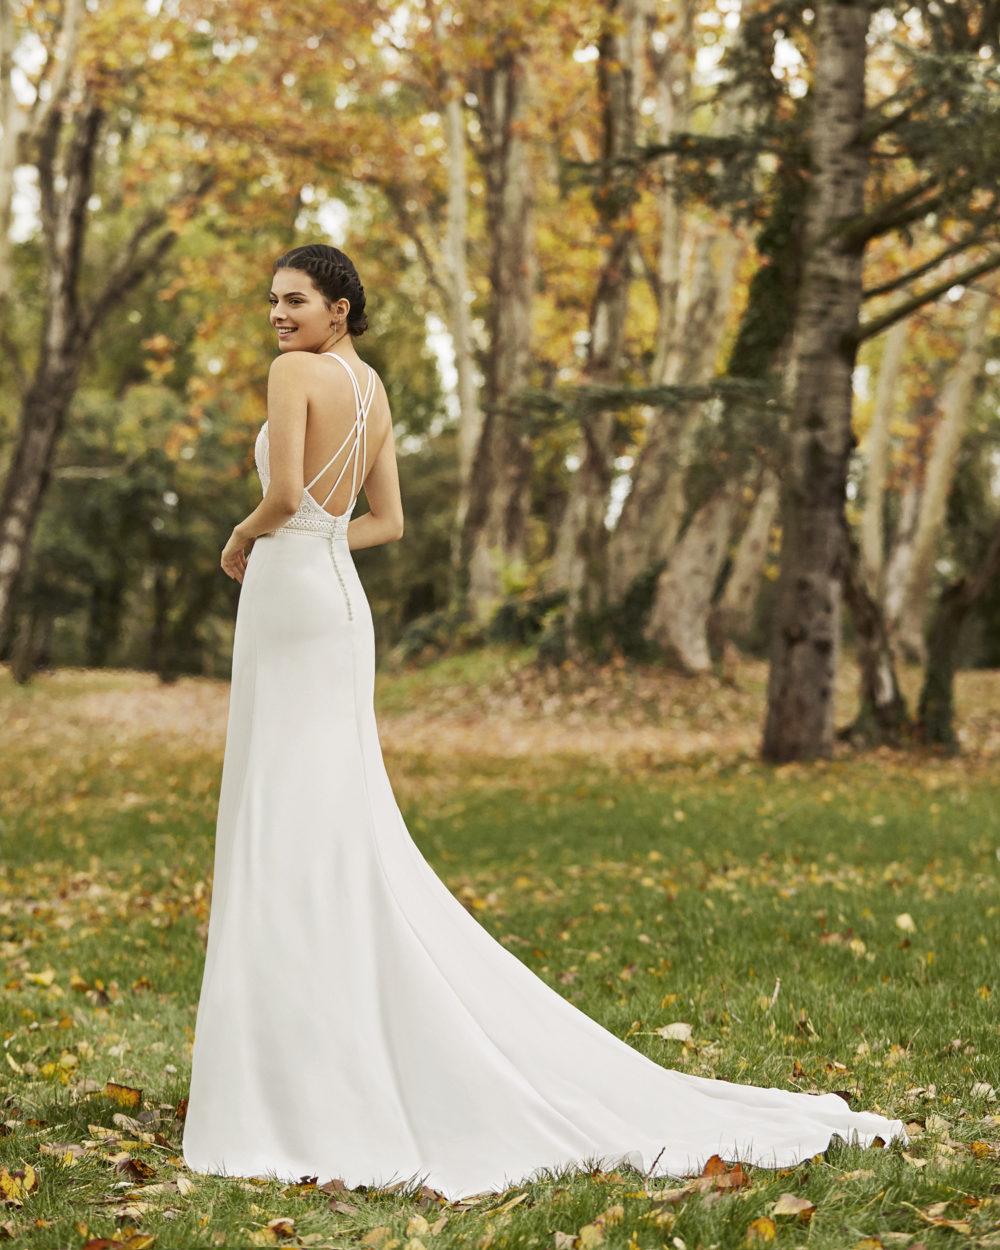 Mariages: abito da sposa Rosa Clarà 2020 a Vicenza, Verona, Padova, Veneto 4B120 OCRE